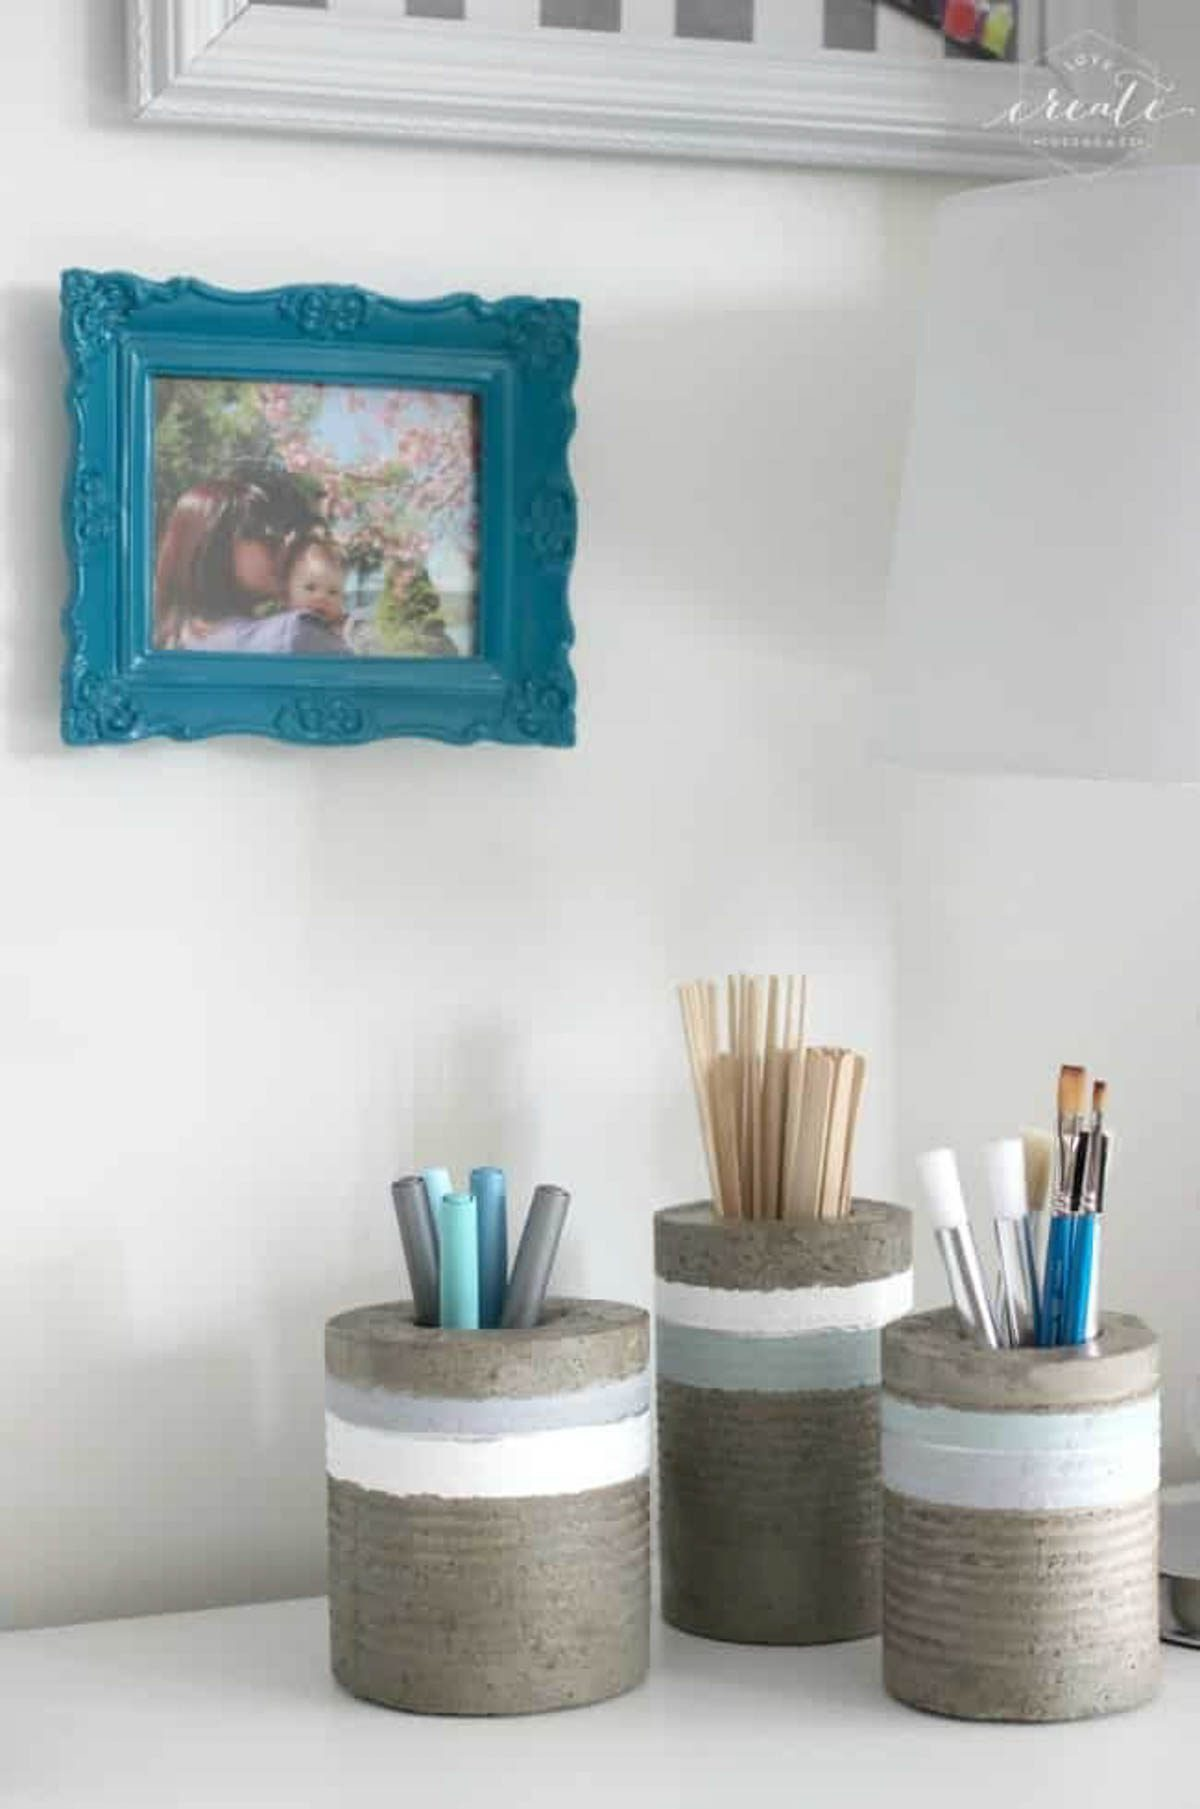 Image of concrete vases